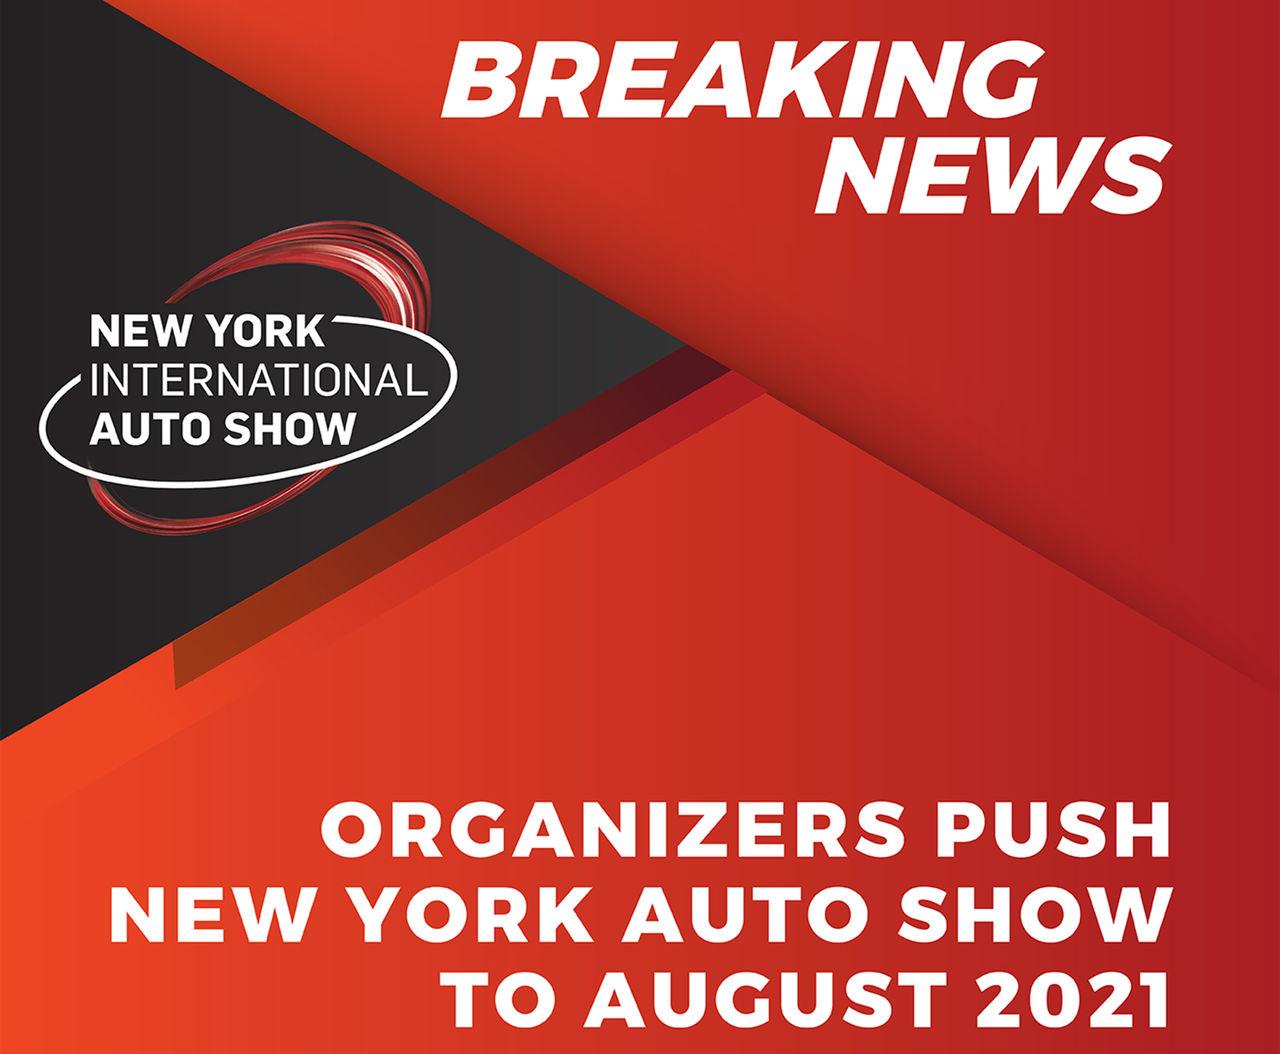 New York Auto Show flyttas till augusti 2021